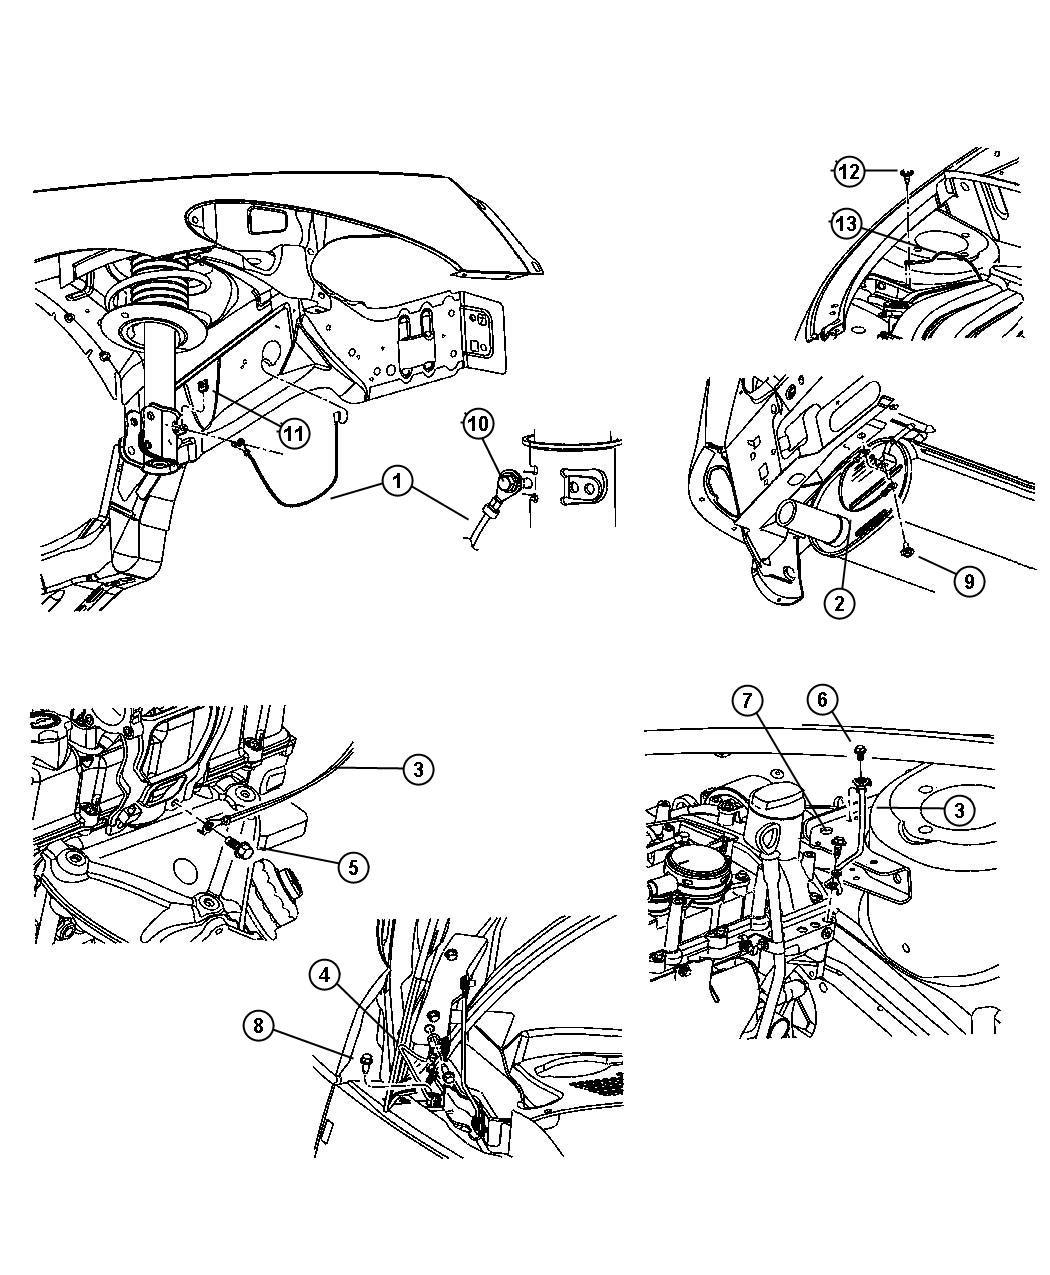 2001 Chrysler Pt Cruiser Wiring Diagram